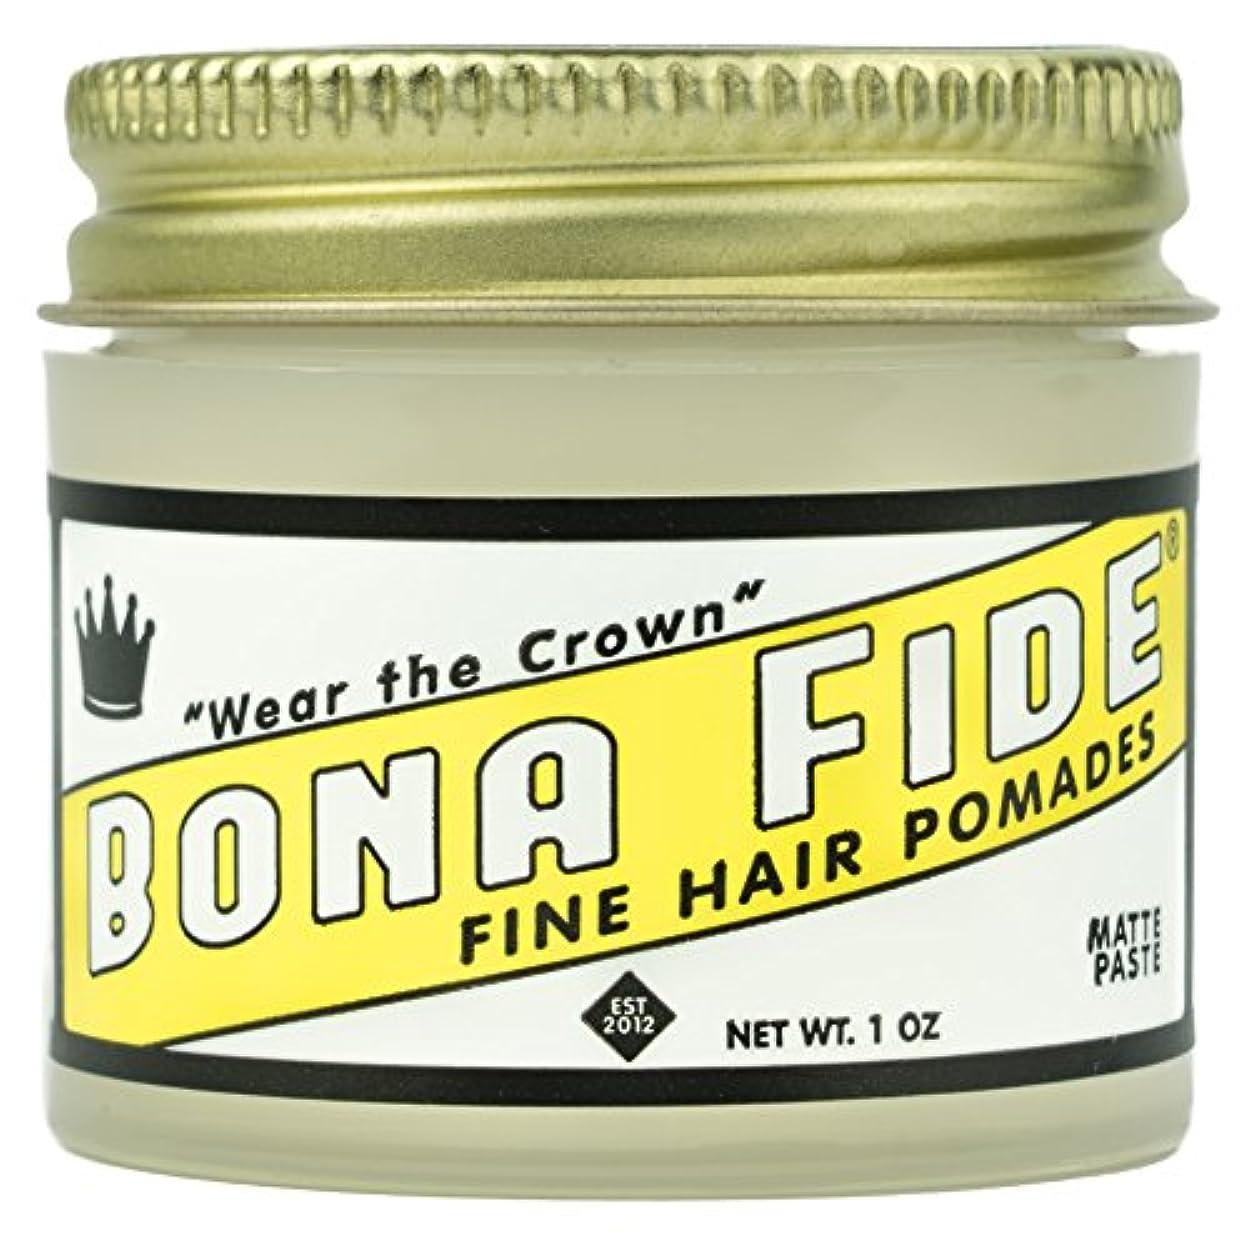 シガレット素晴らしい良い多くの出席Bona Fide Pomade, マットペースト 1oz (28g) / トラベルサイズ,水性/グリース